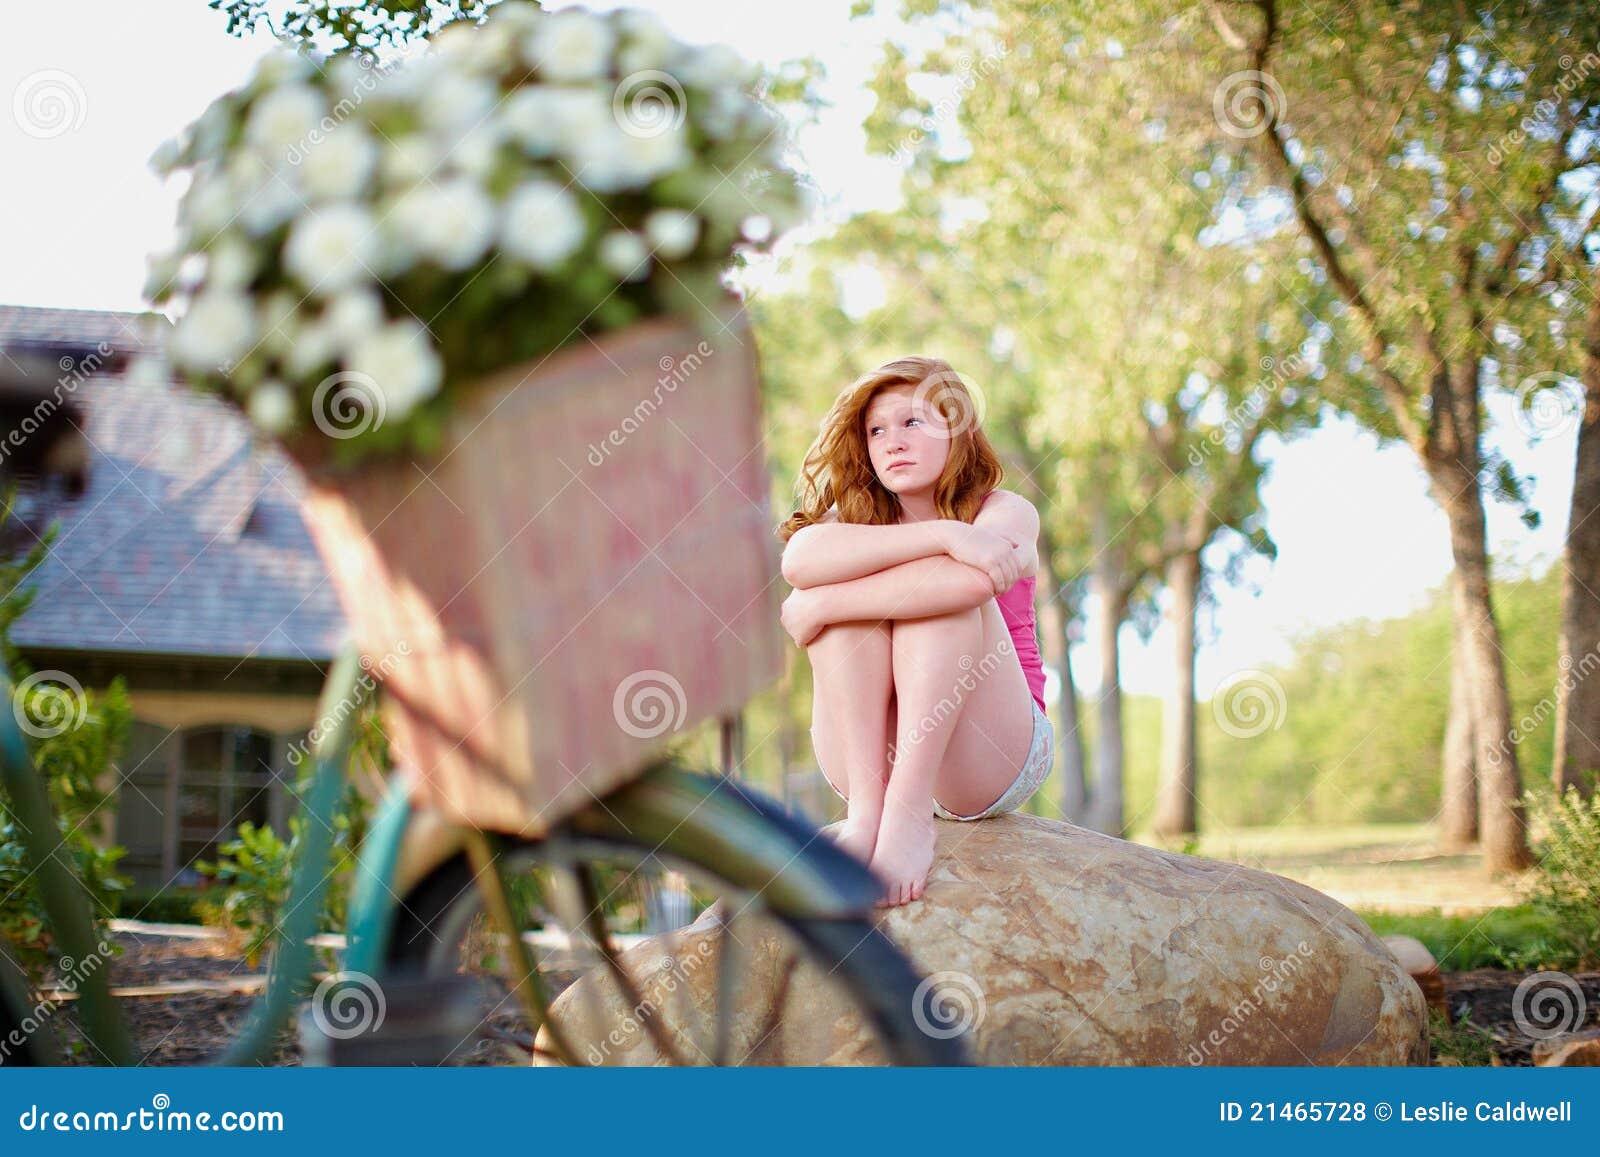 Emotionaler Jugendlicher